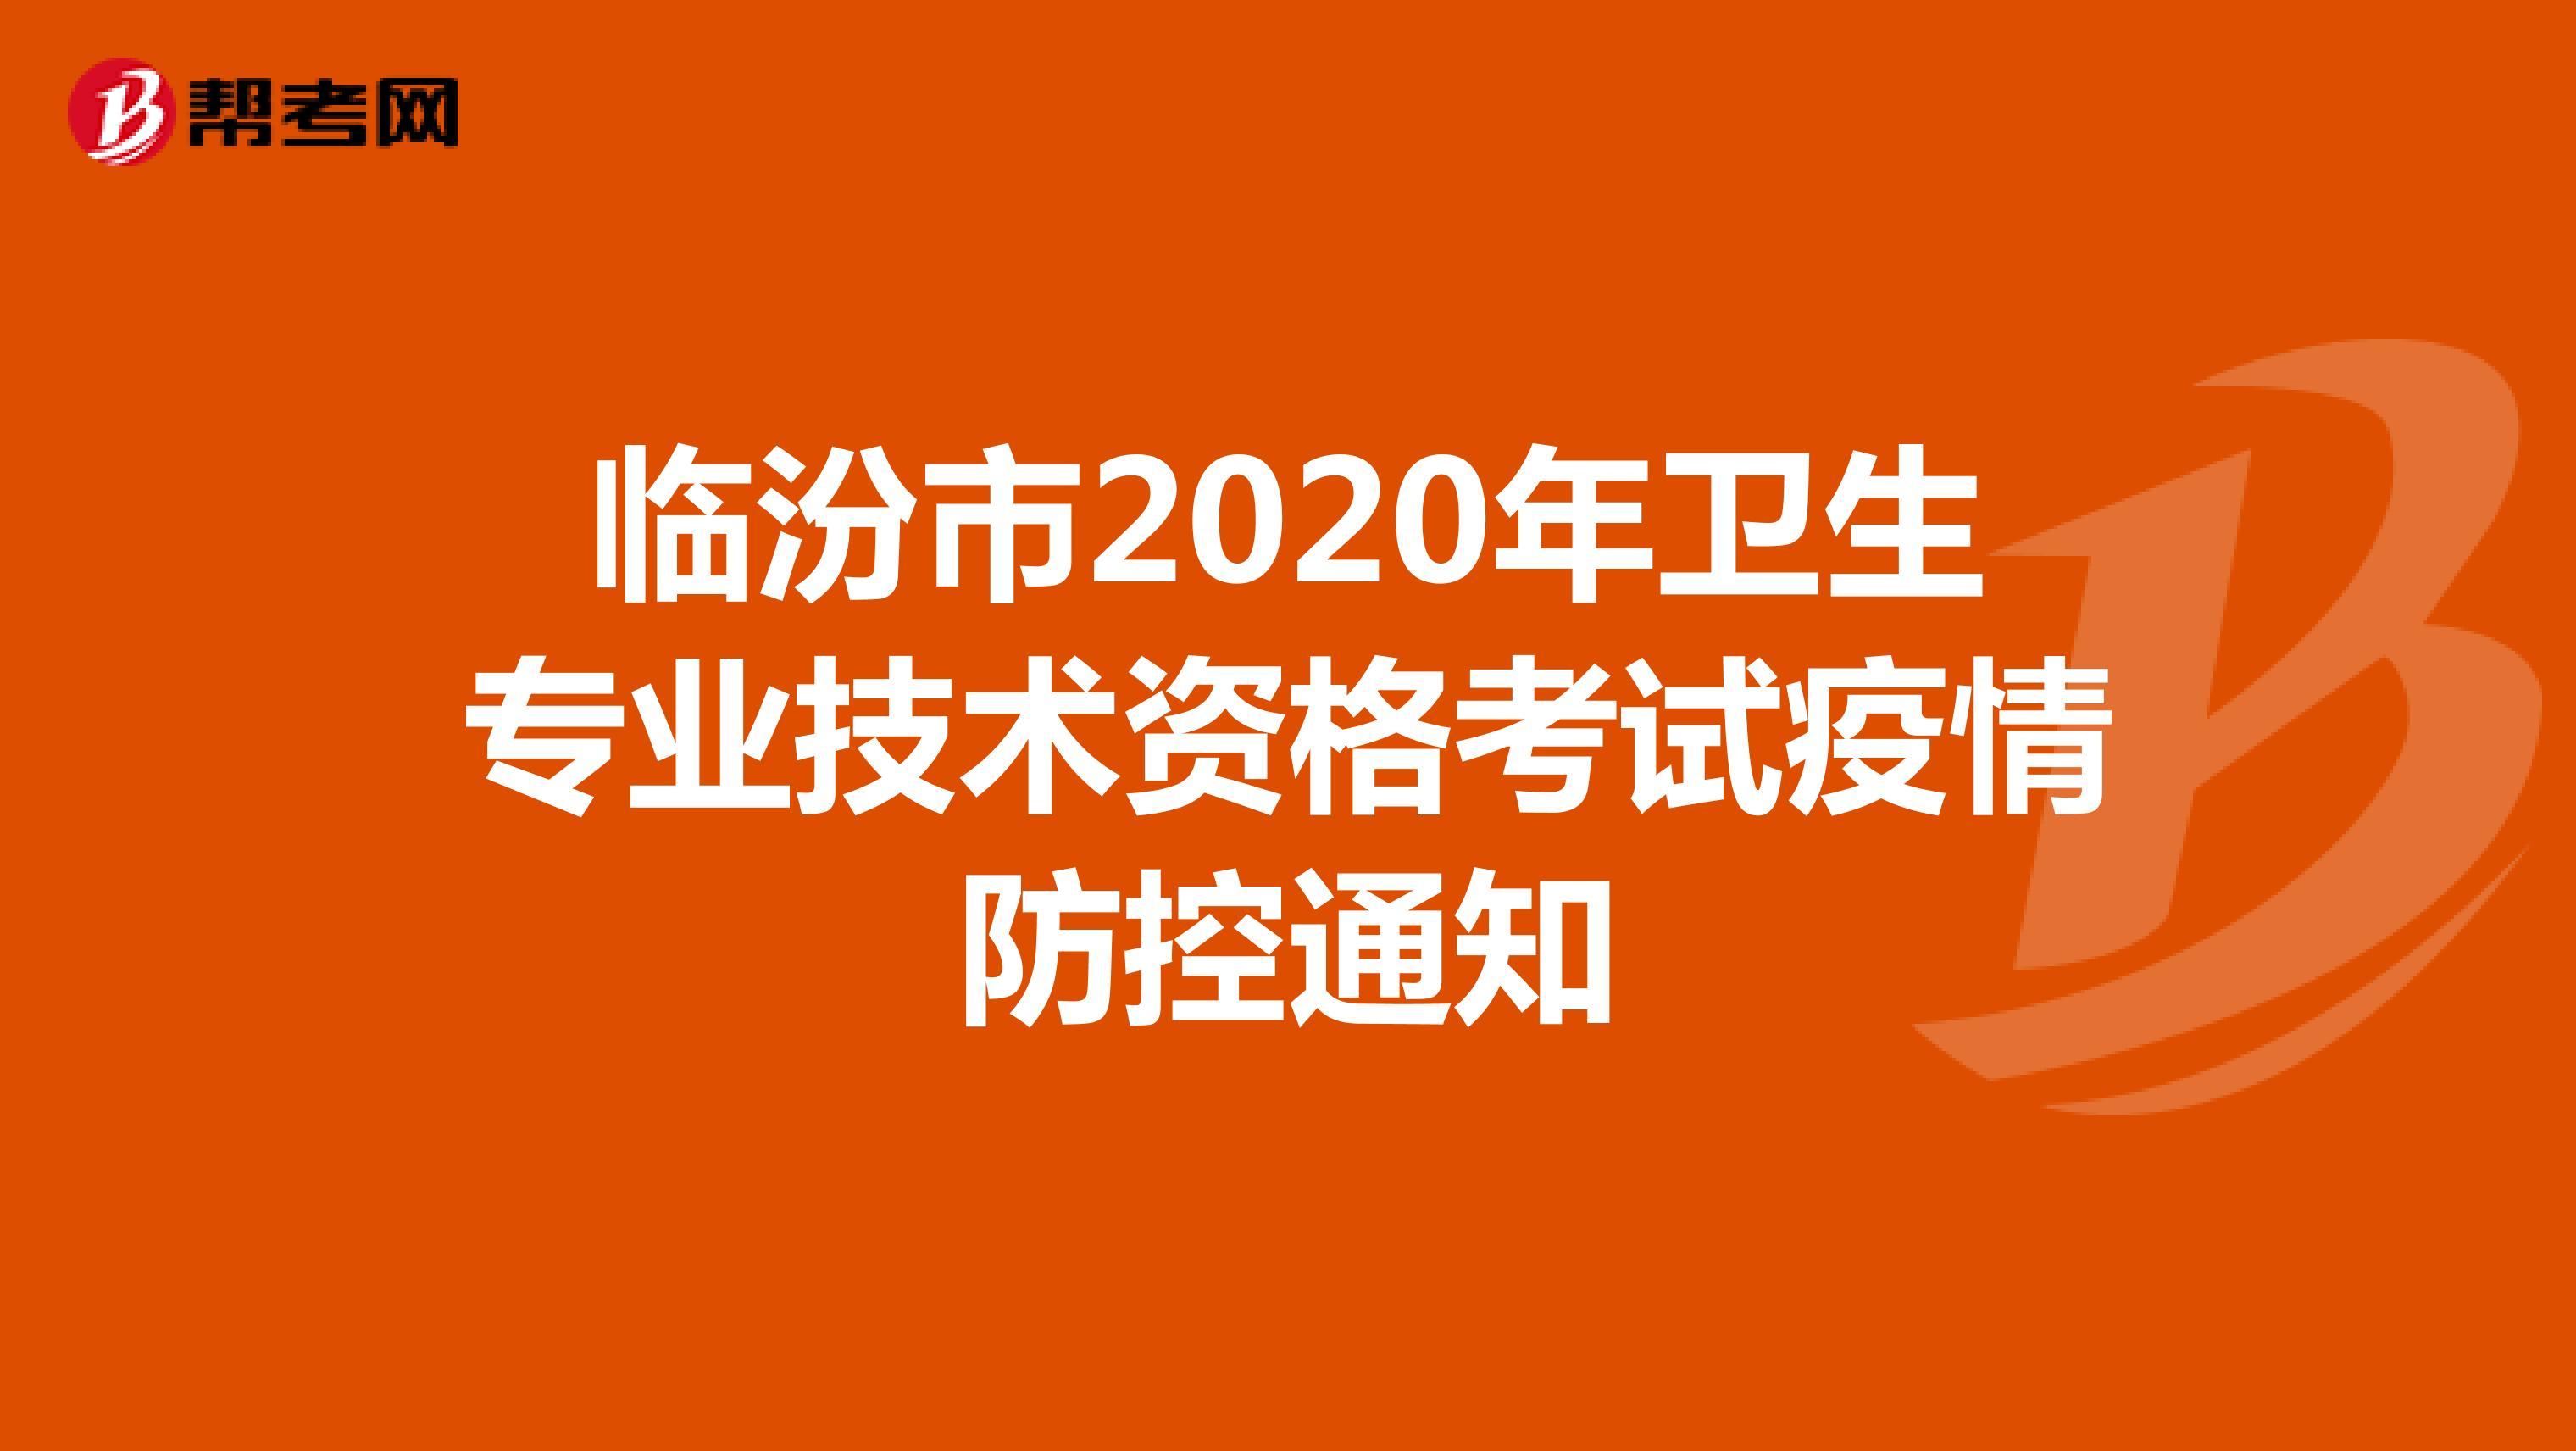 临汾市2020年卫生专业技术资格考试疫情防控通知